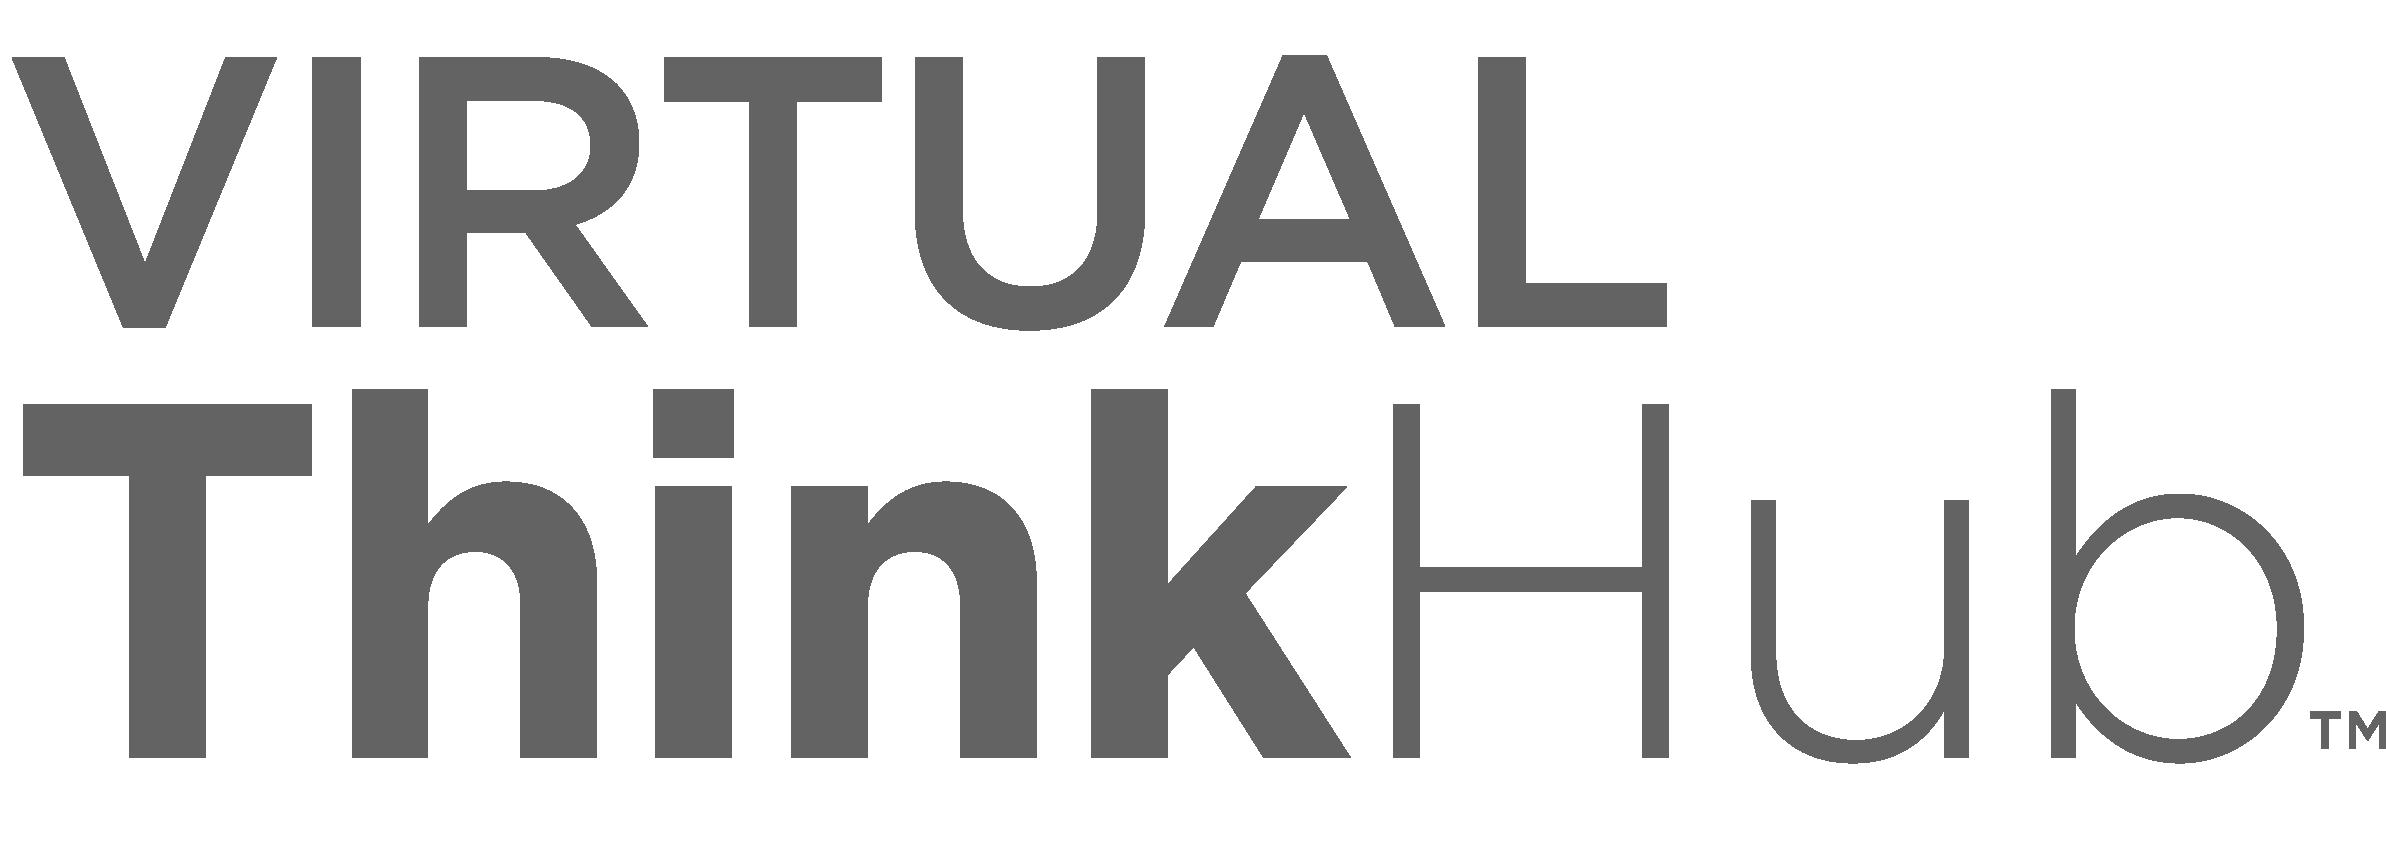 T1V-virtual-thinkhub-logo-Logo-Stacked-Dark-Grey